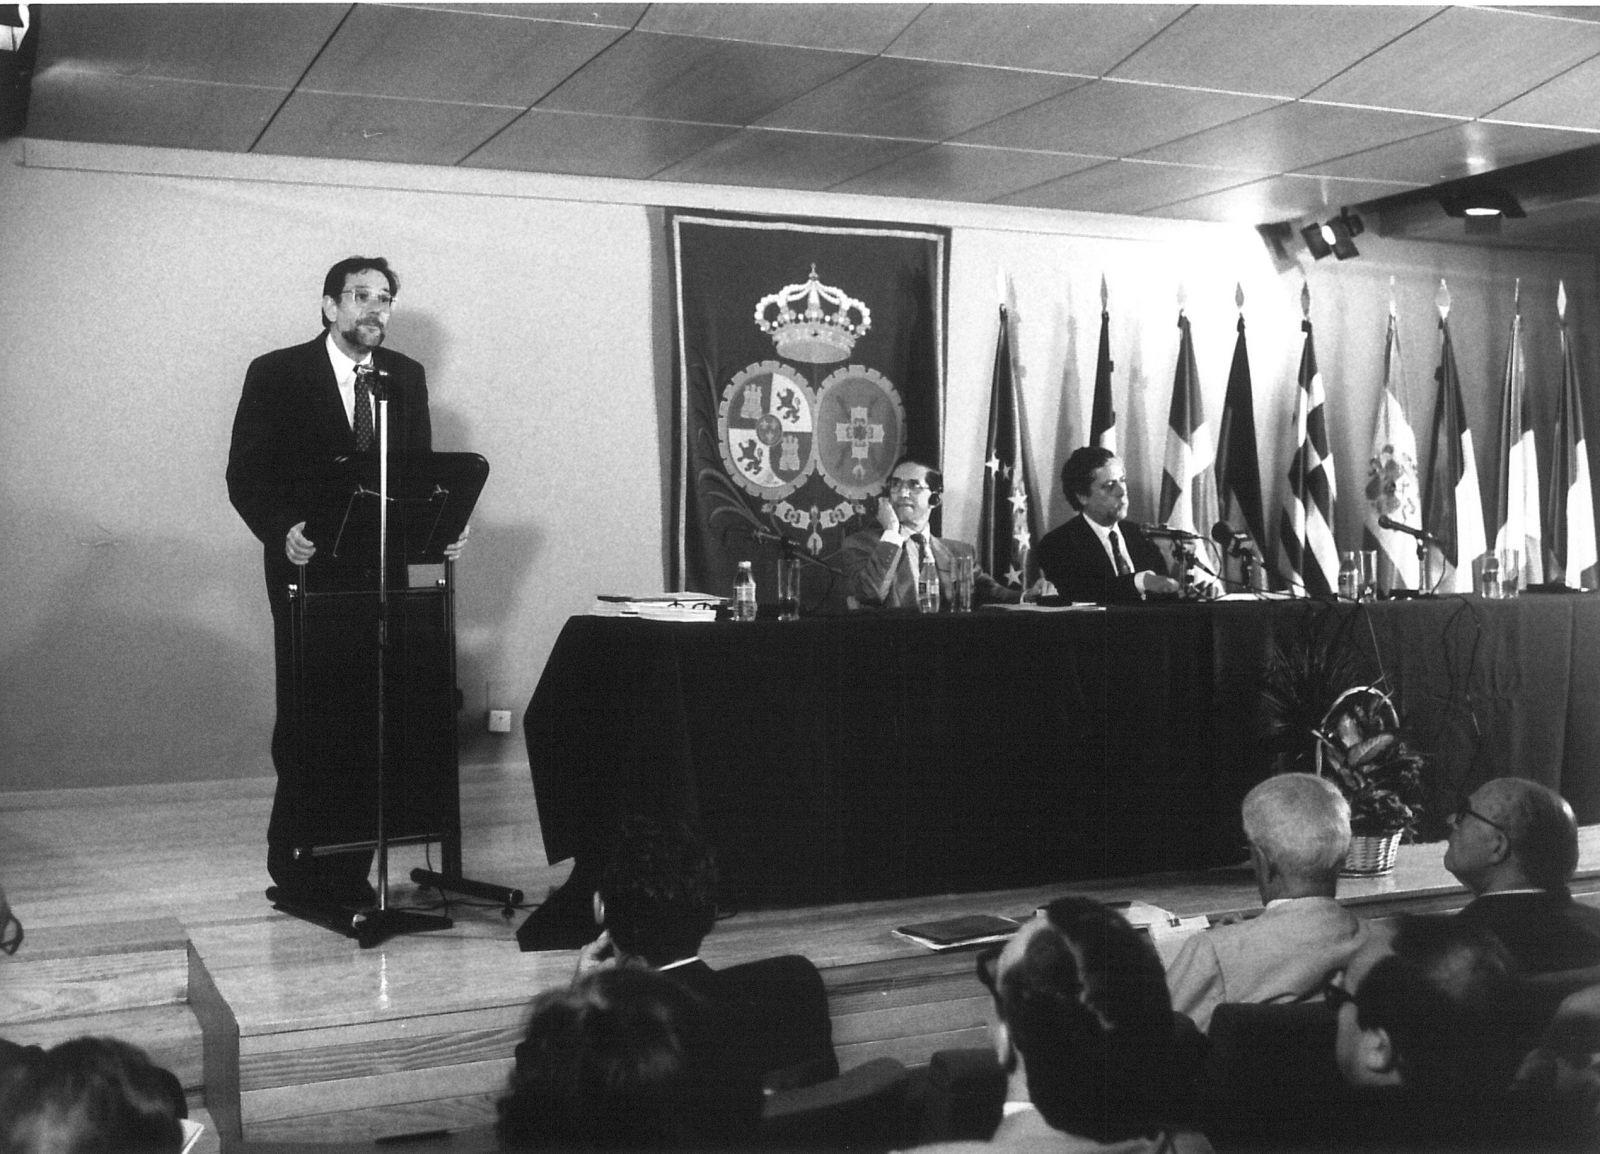 IV Carlos de Amberes Commemorative Lecture